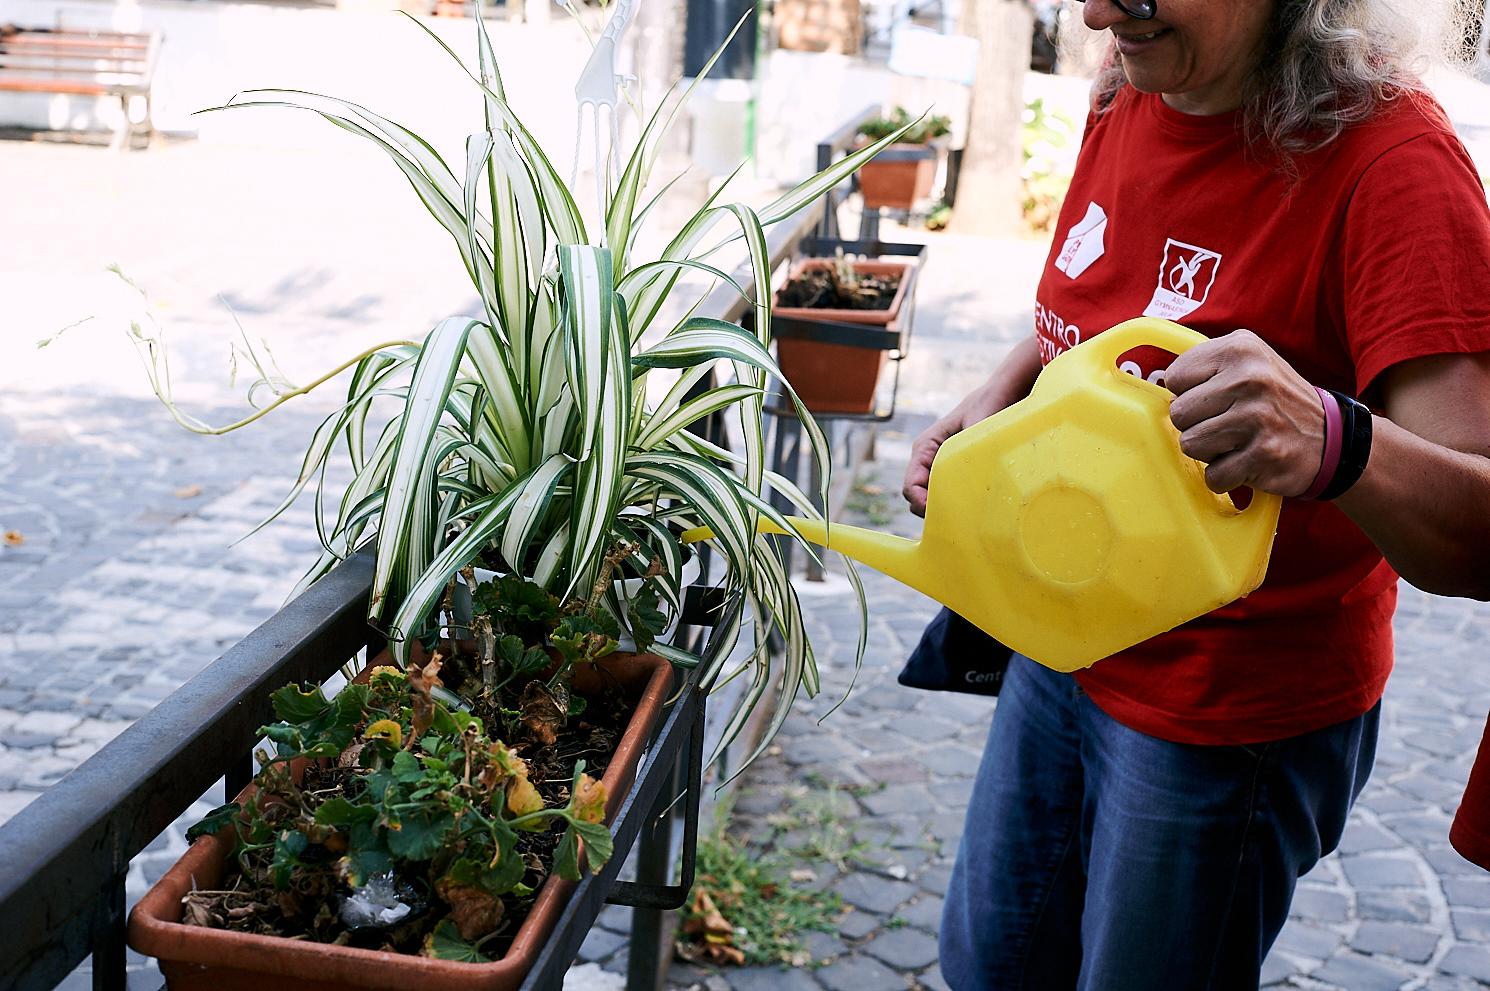 gestione delle aree verdi urbane